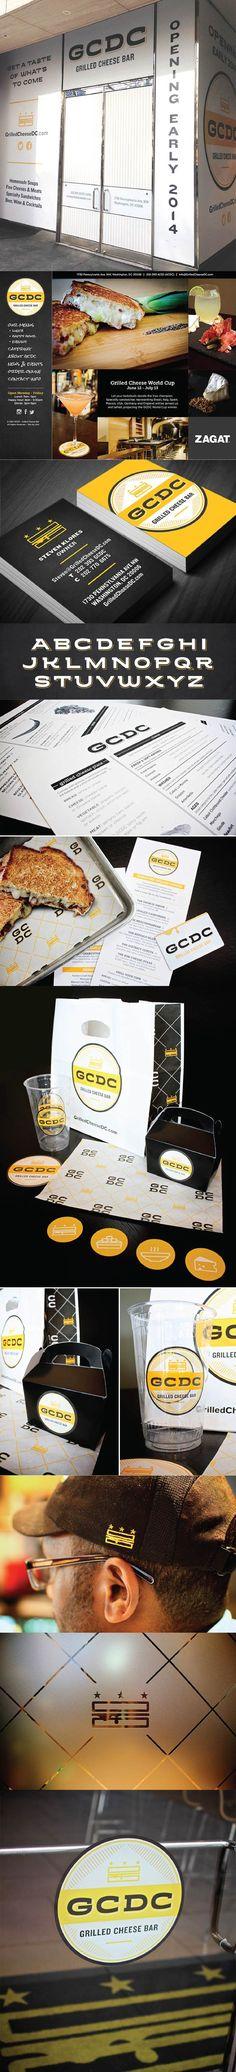 GCDC in washington DC